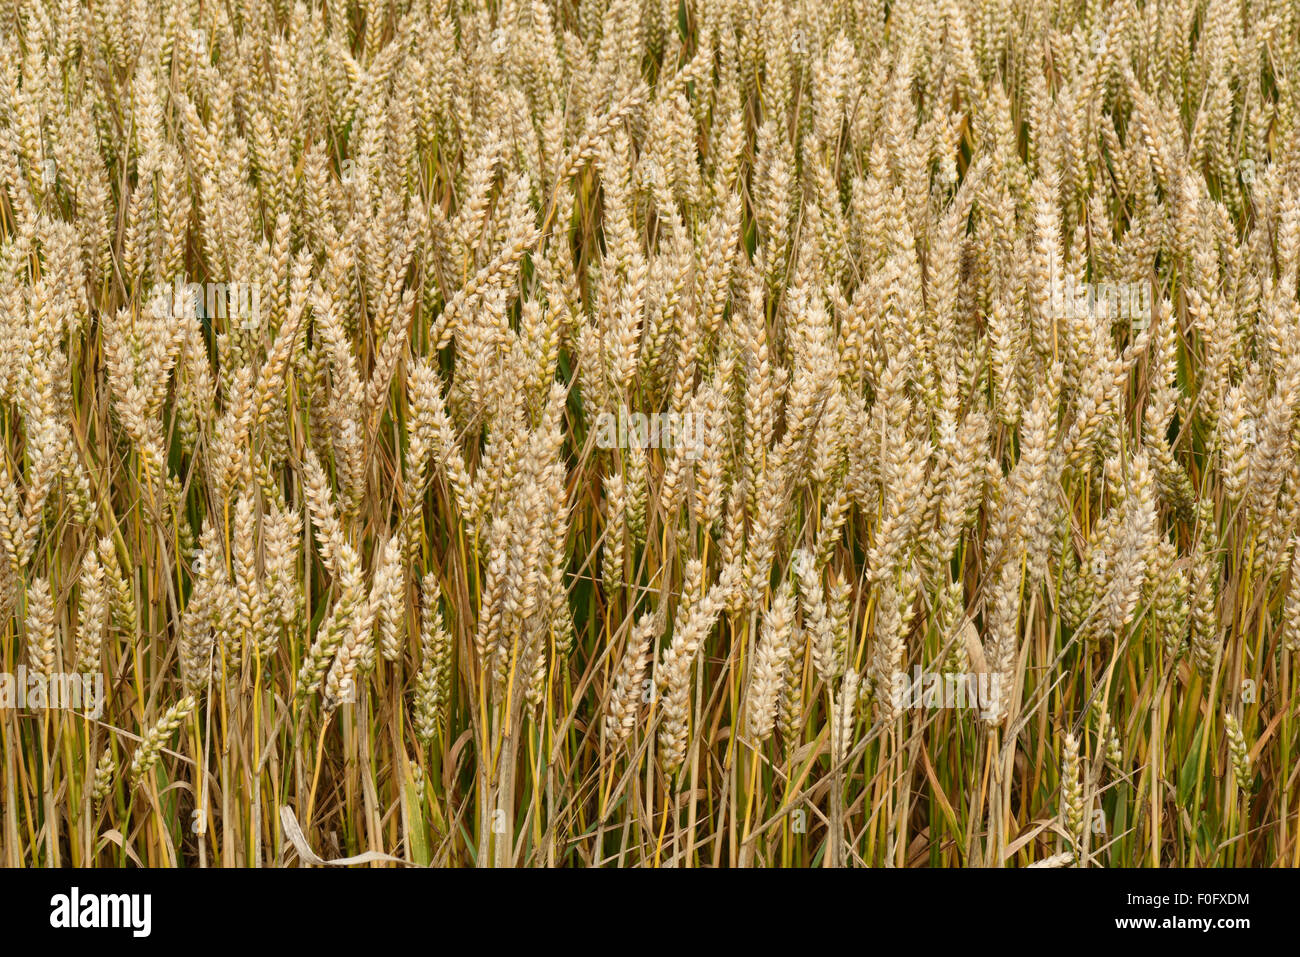 Orejas y plantas de maduración de la cosecha de trigo de invierno, Berkshire, Agosto Imagen De Stock